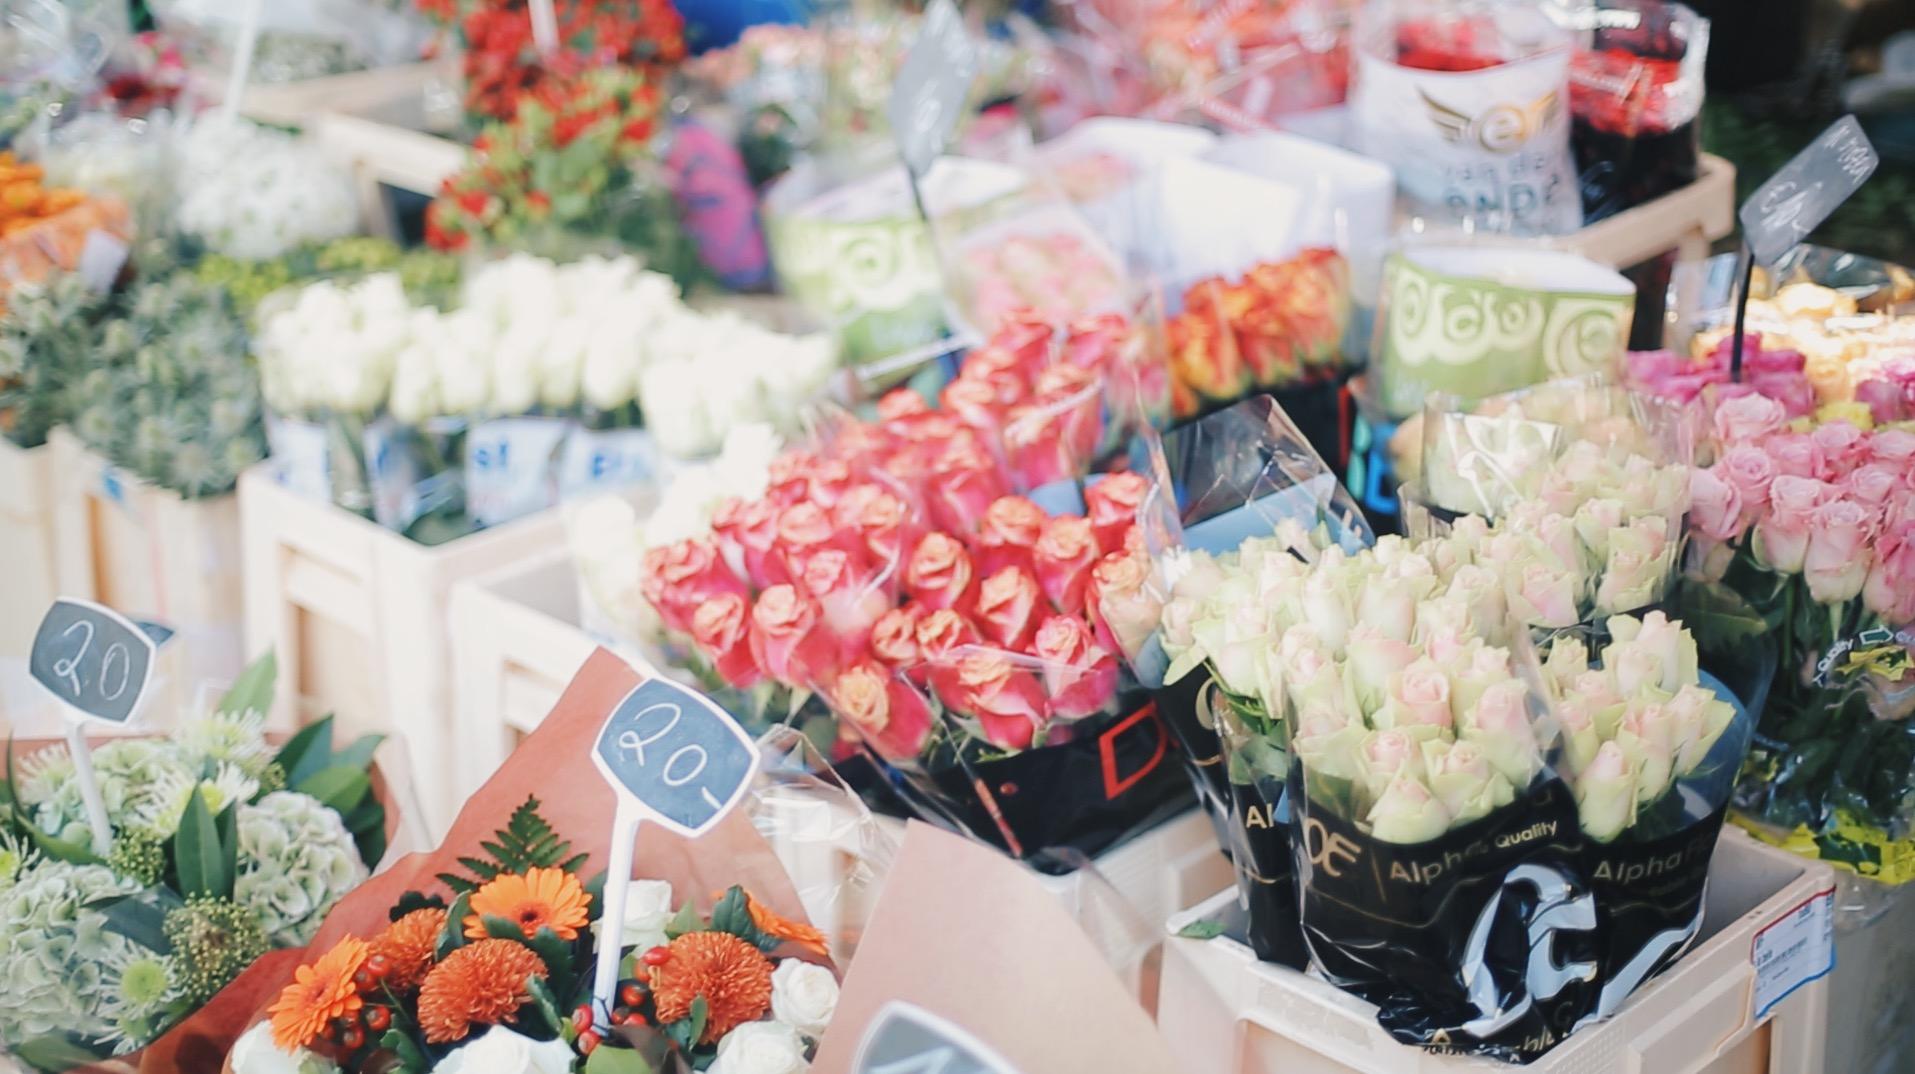 bruges market flowers